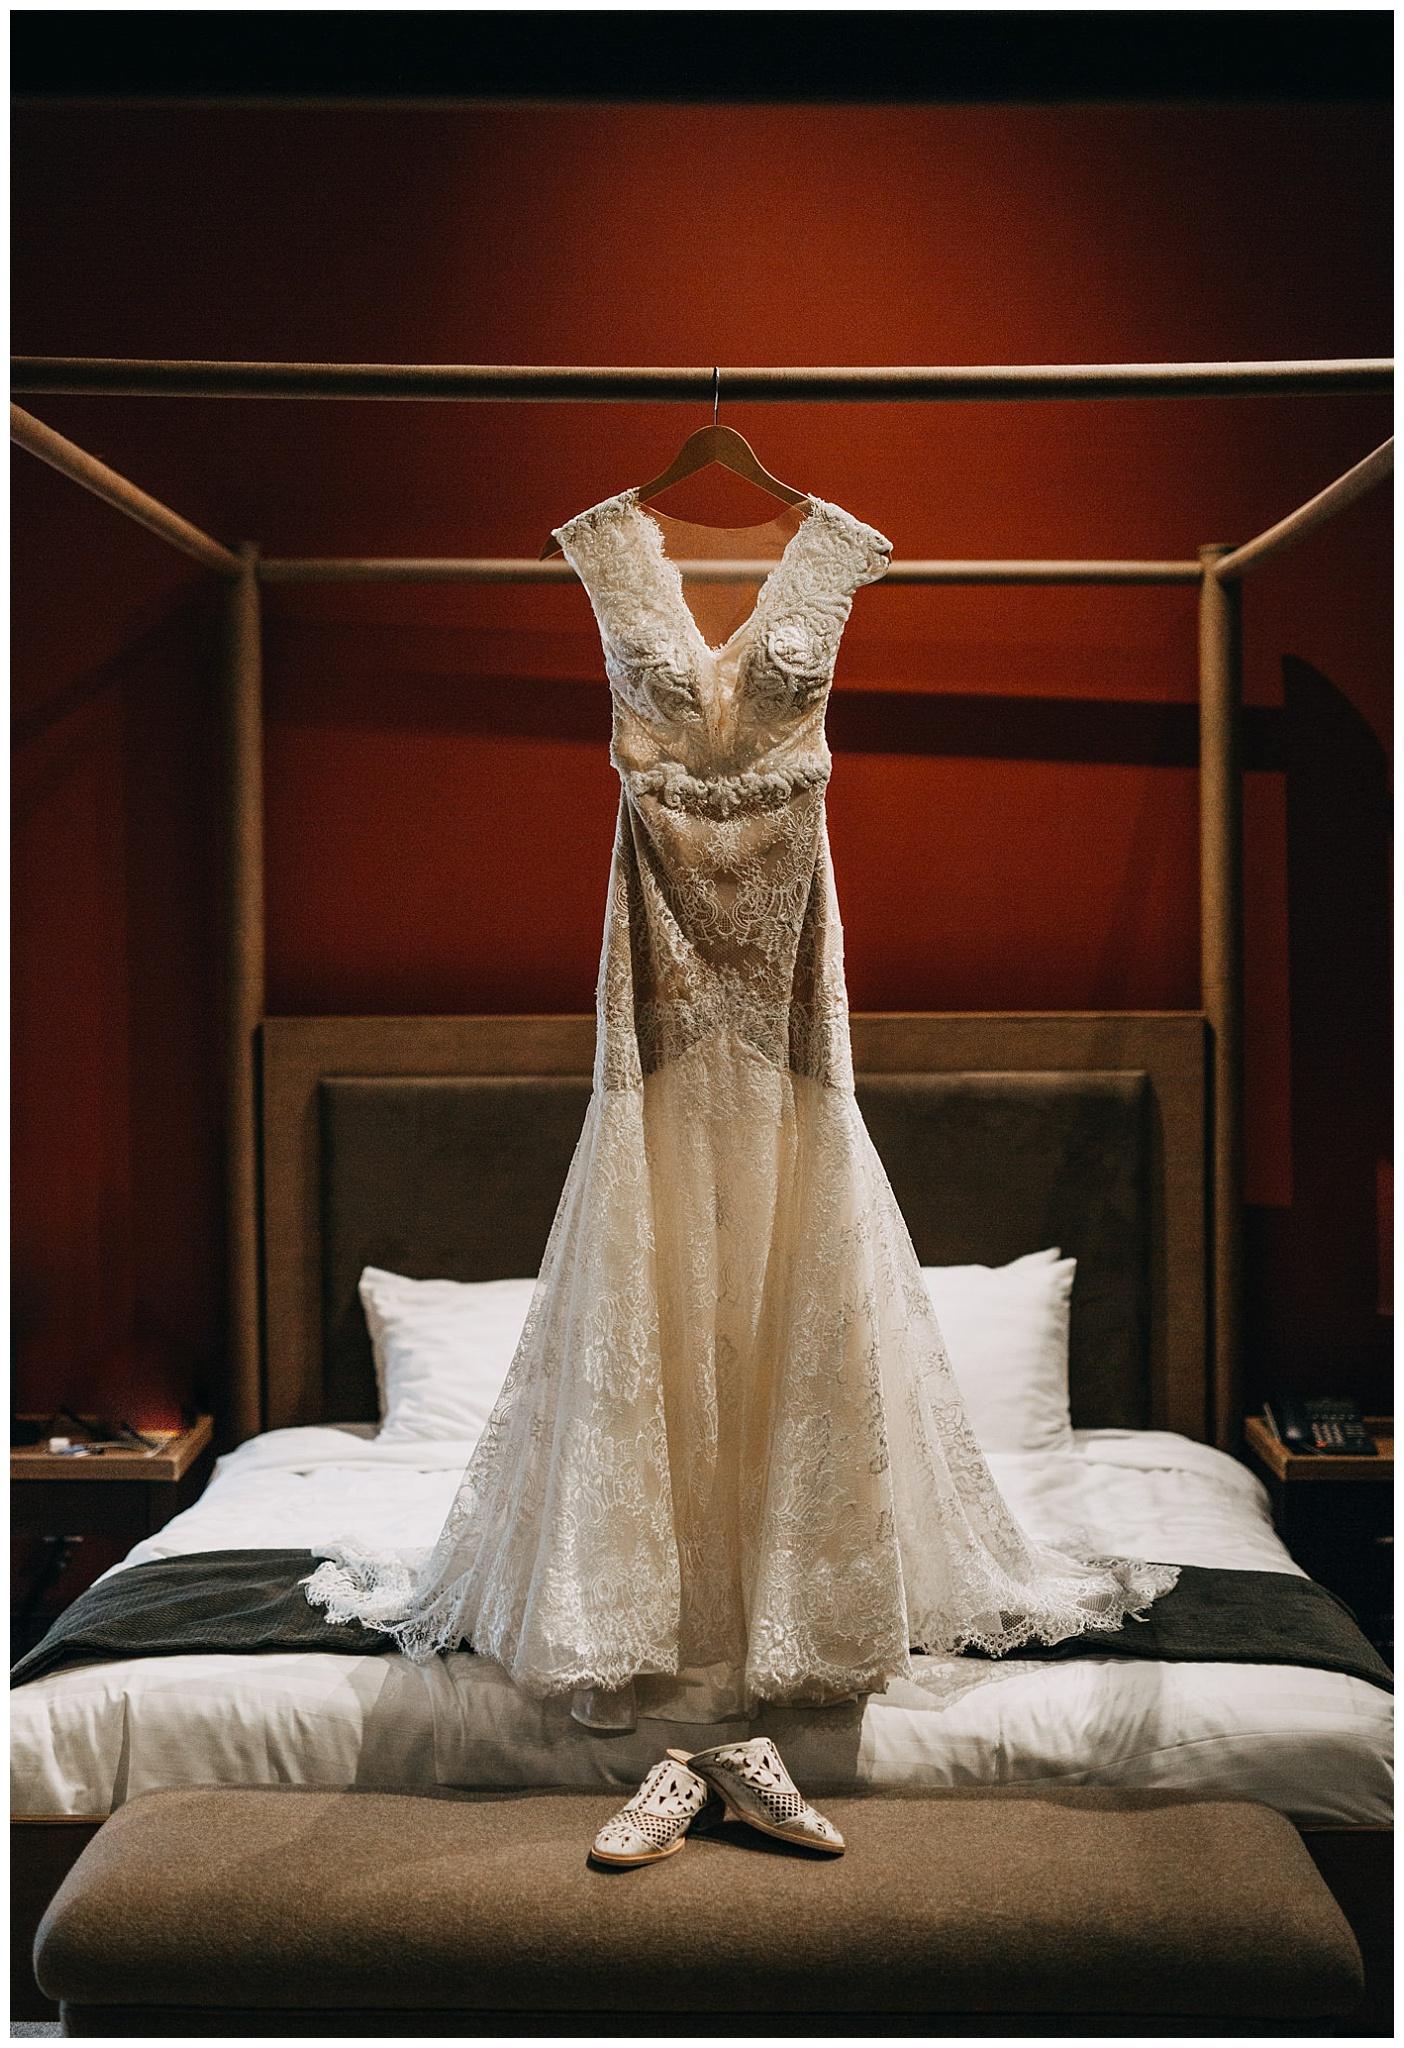 blush bridal wedding dress at nita lake lodge elopement